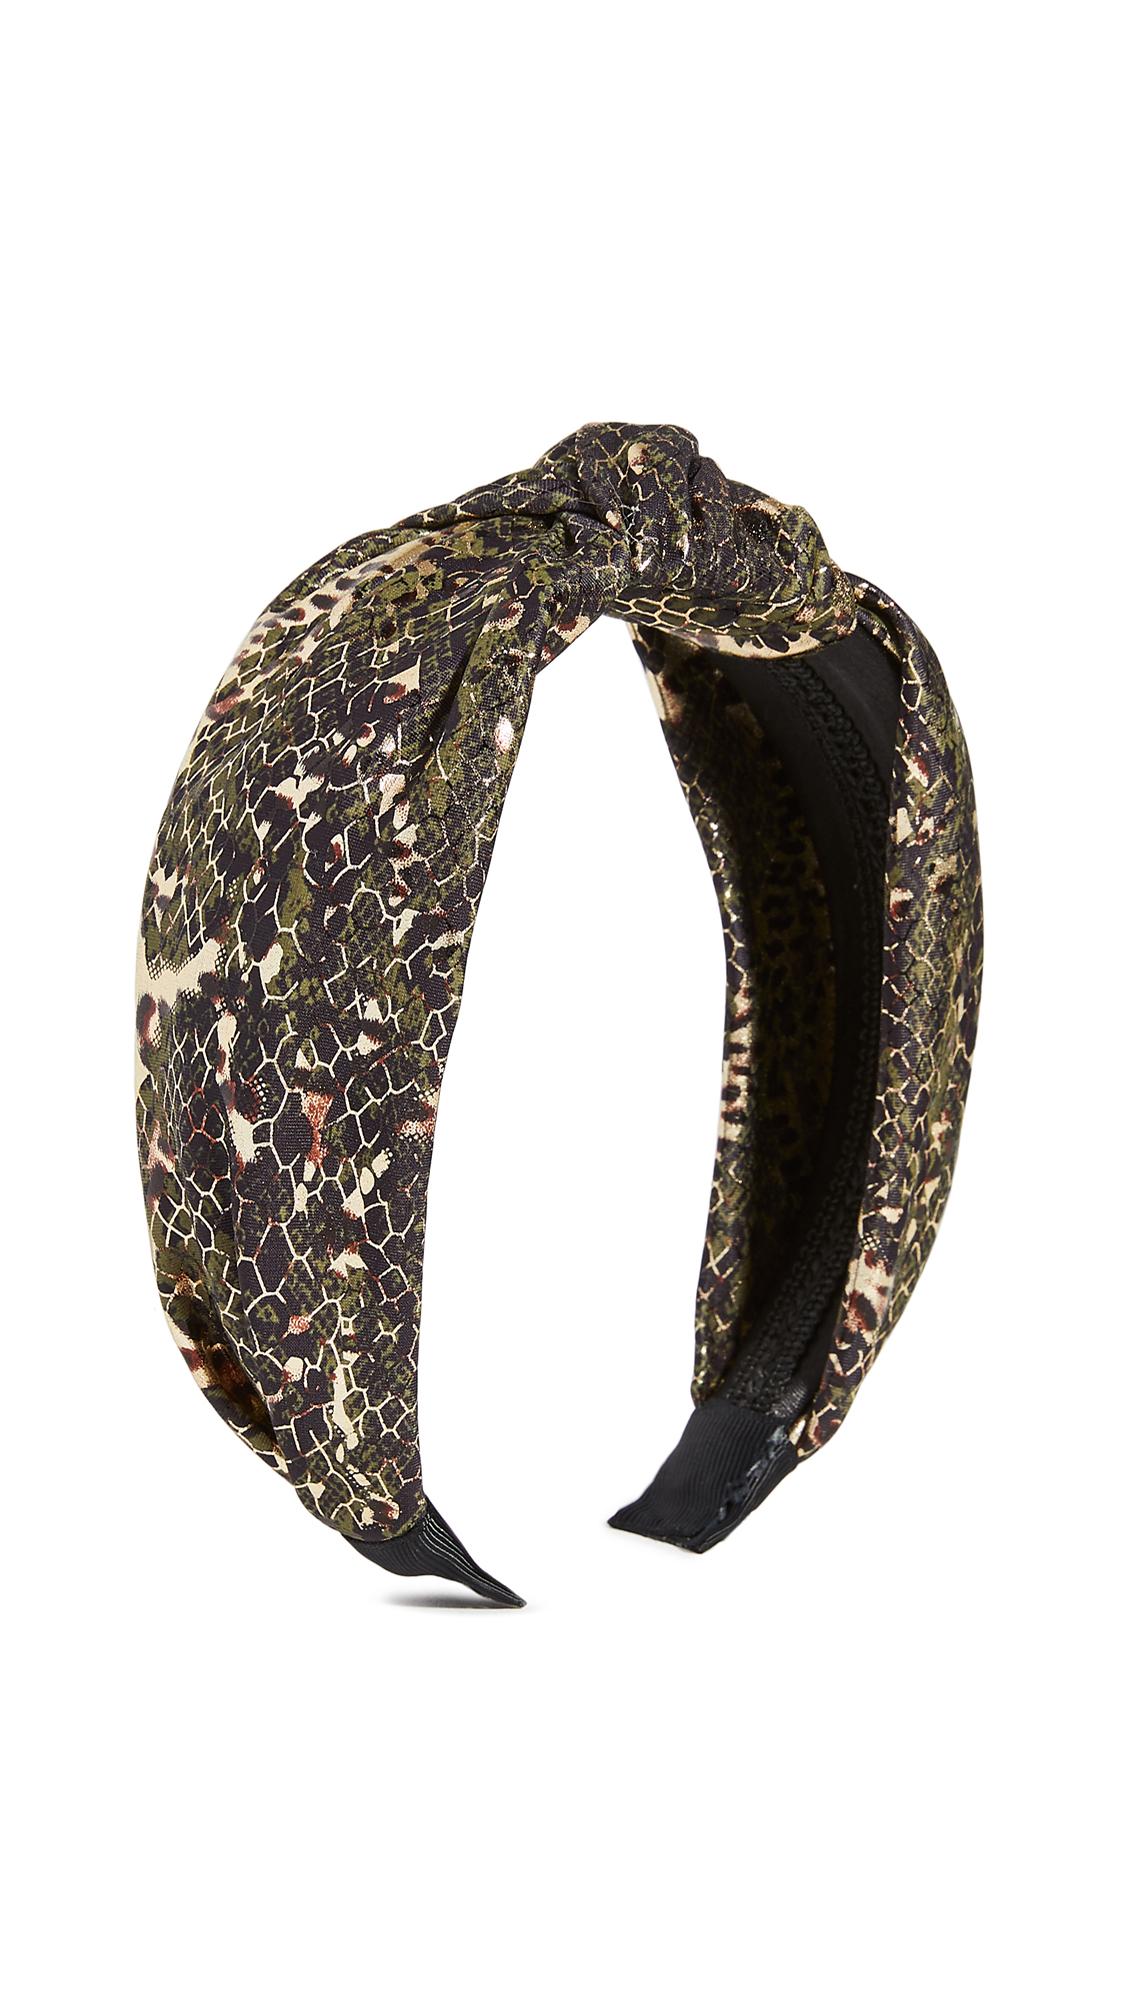 Shashi Electric Jungle Headband In Multi